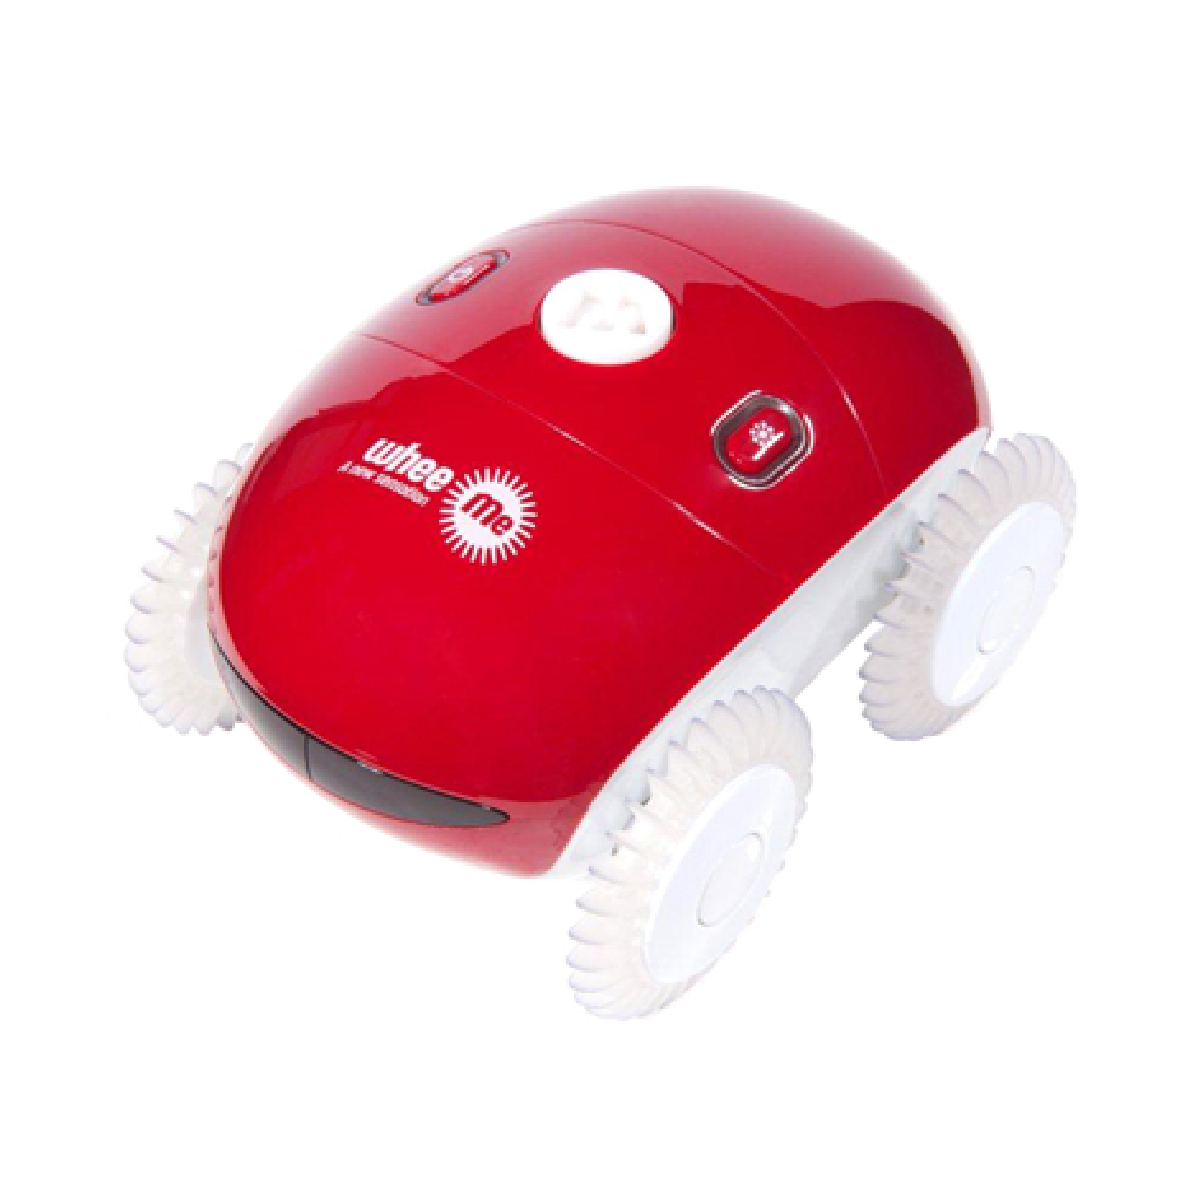 cadeaux 2 ouf id es de cadeaux insolites et originaux wheeme un robot de massage autonome. Black Bedroom Furniture Sets. Home Design Ideas